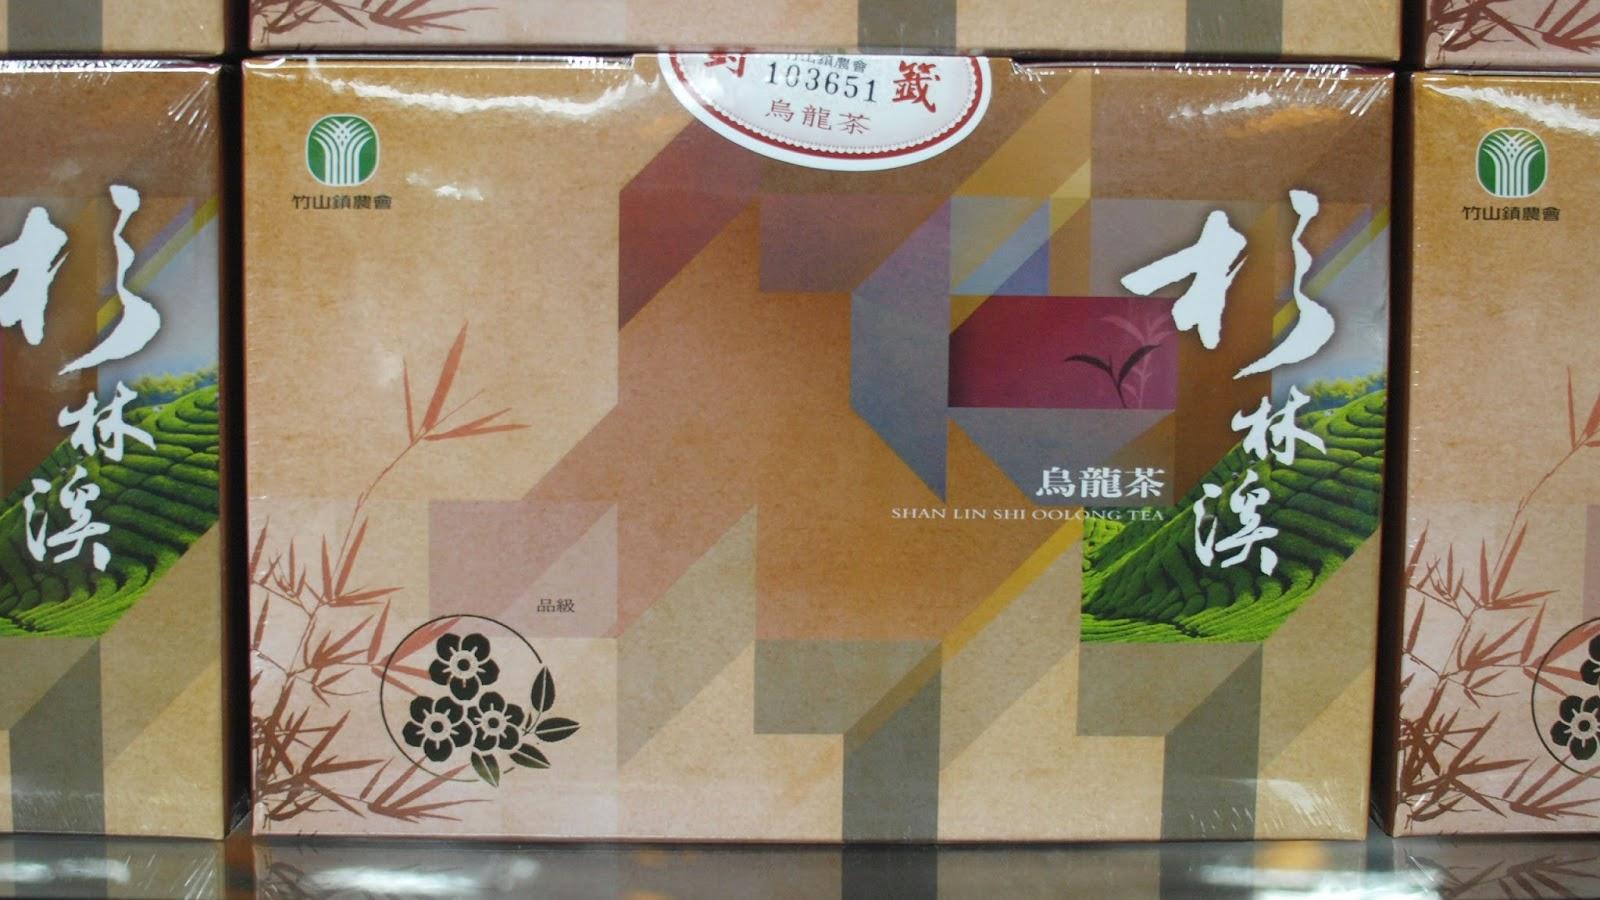 竹山農會比賽茶 (杉林溪比賽茶) 三朵梅